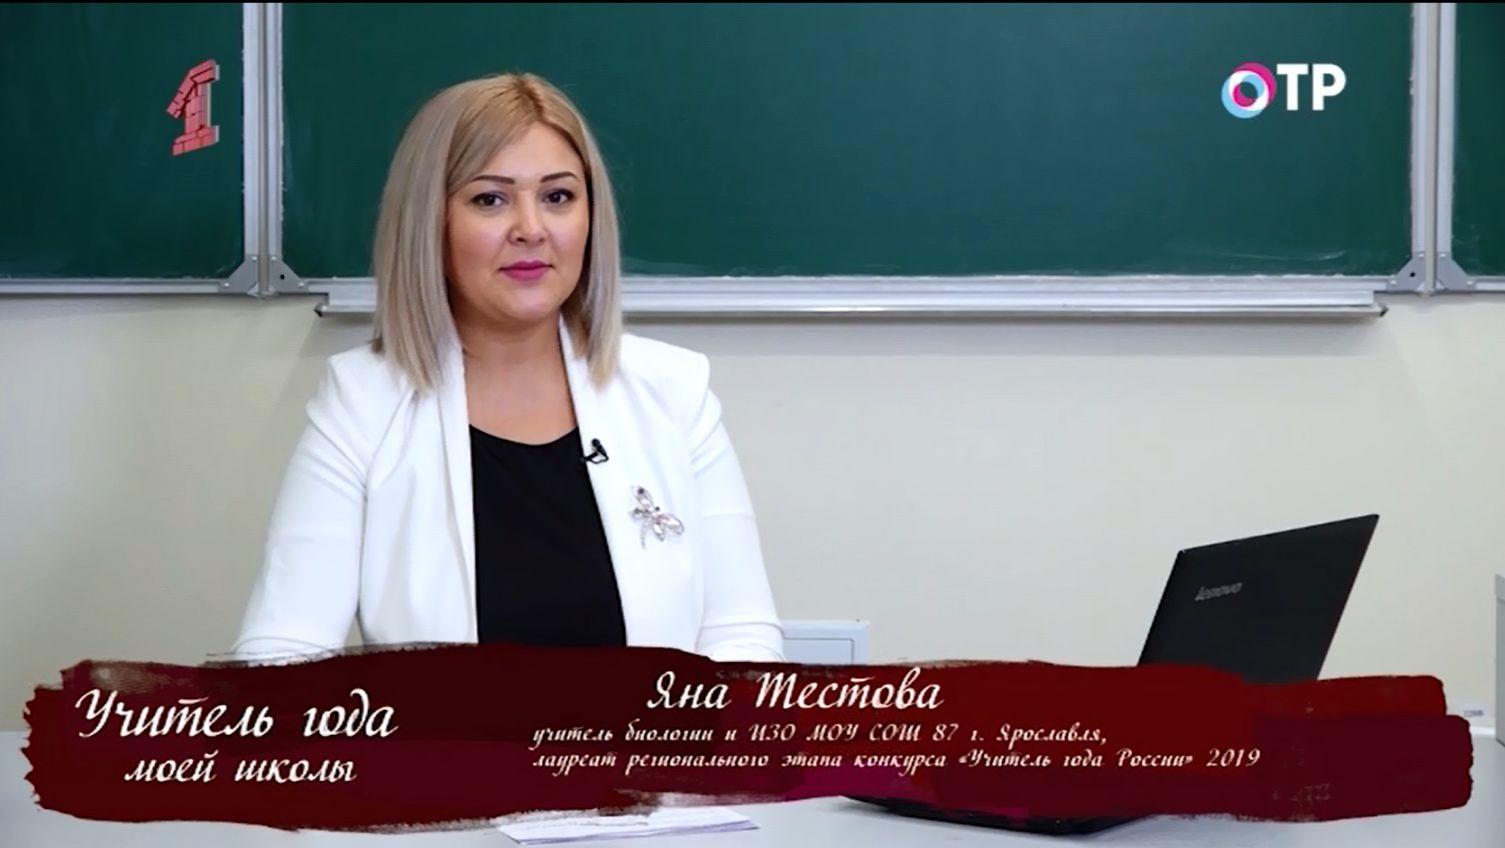 Учитель биологии из Ярославля прошла конкурсный отбор на участие в первом Всероссийском Форуме классных руководителей